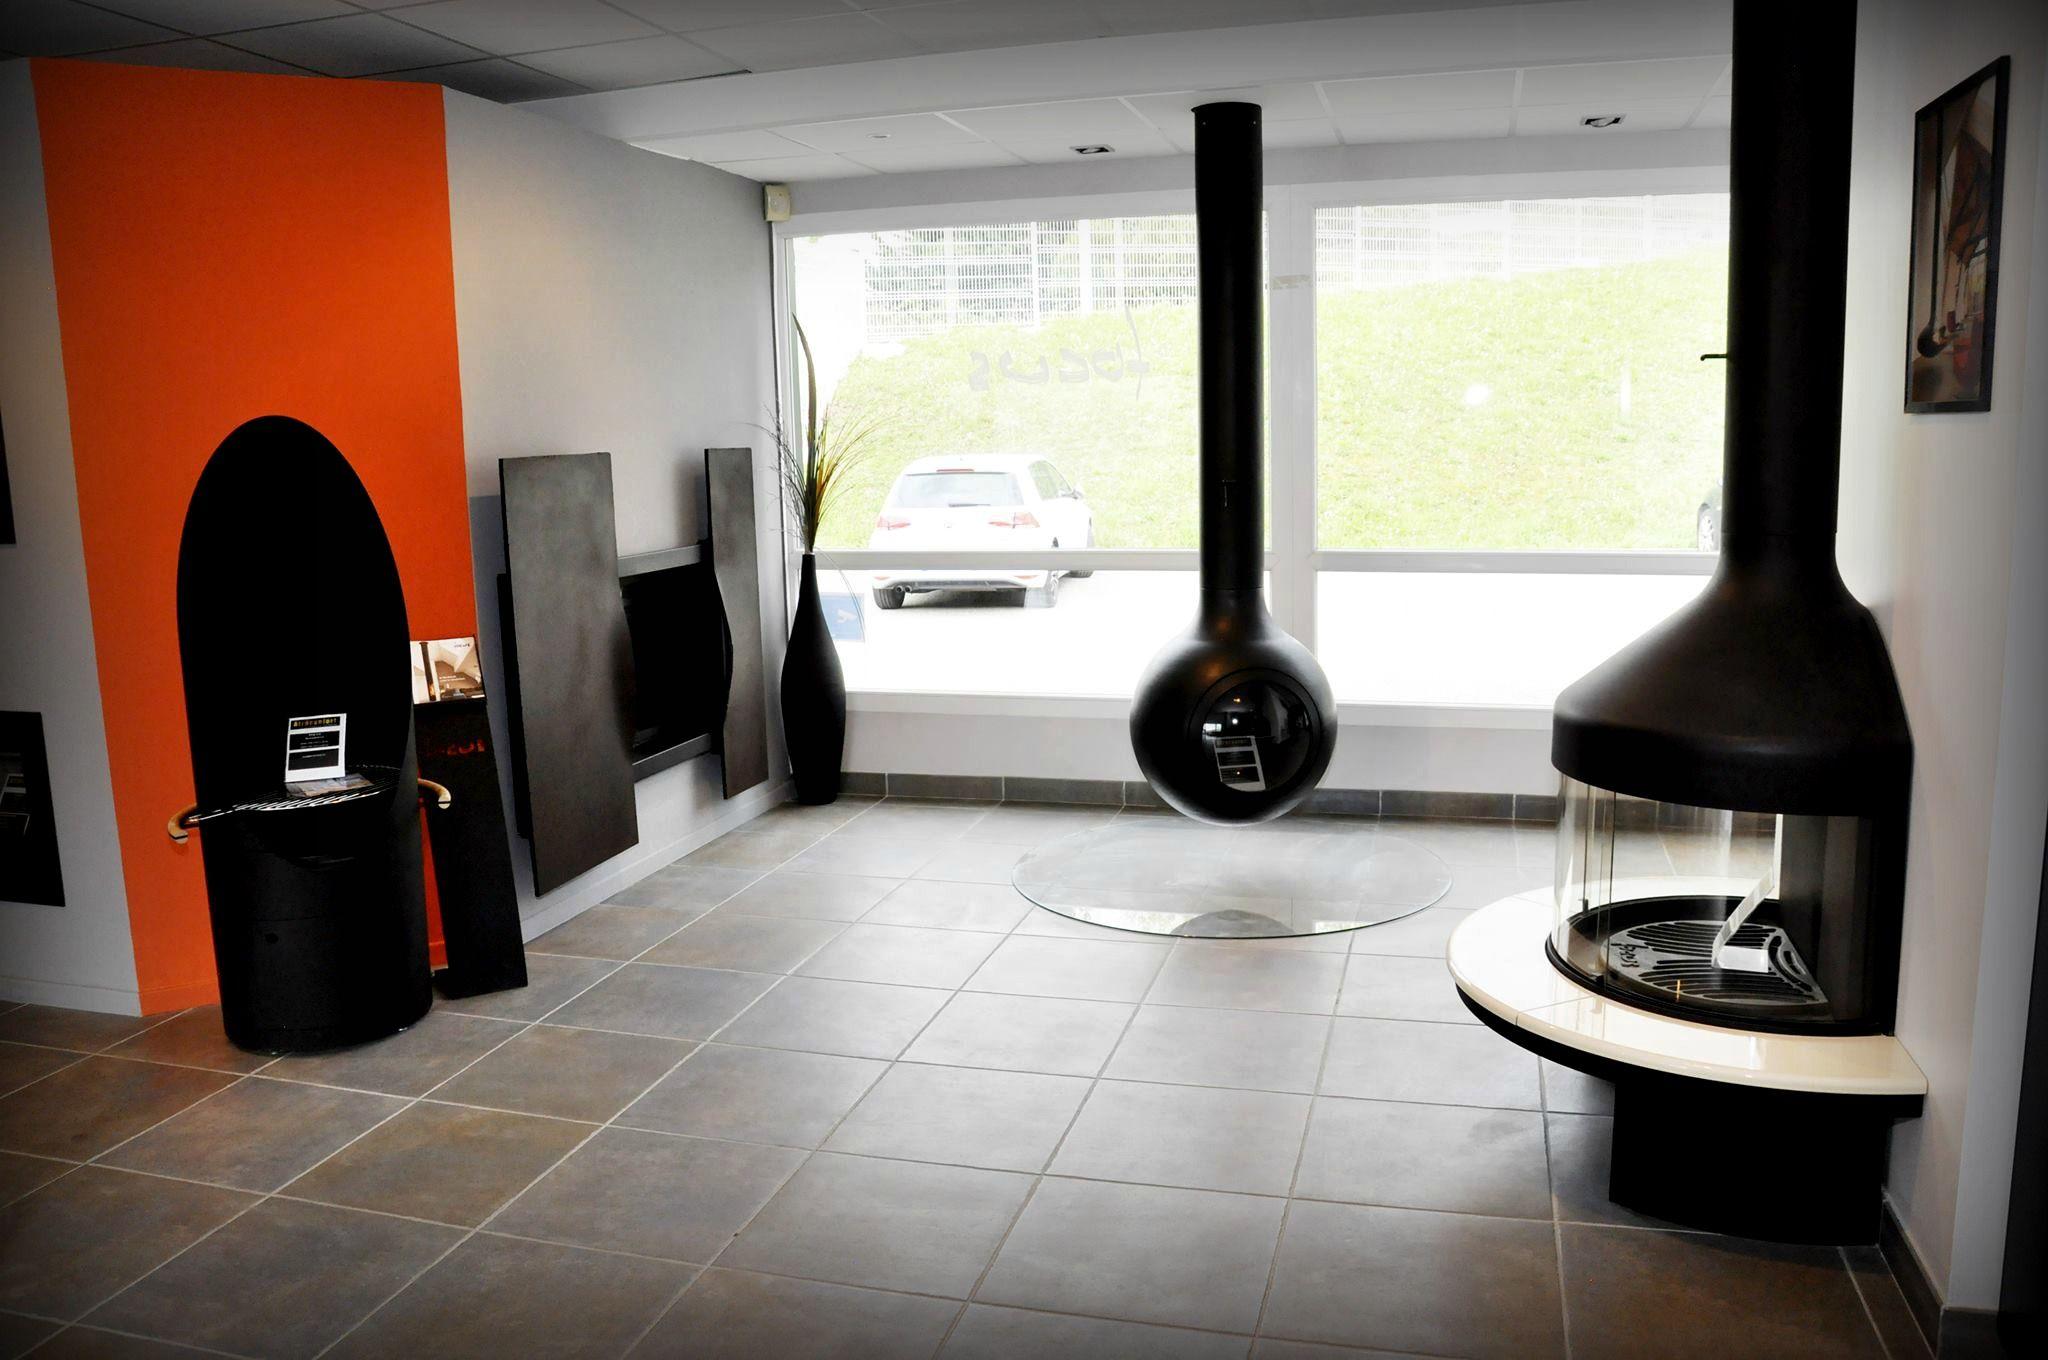 FOCUS :  (à gauche, mur orange) DIAGOFOCUS - Barbecue Focus // (à gauche, mur blanc) METAFOCUS -(bois bûches 50cm) // (au centre) BATYSCAFOCUS - bois ( bûches 40cm ) // (à droite) OPTIFOCUS 1250 - bois (bûches 50cm)